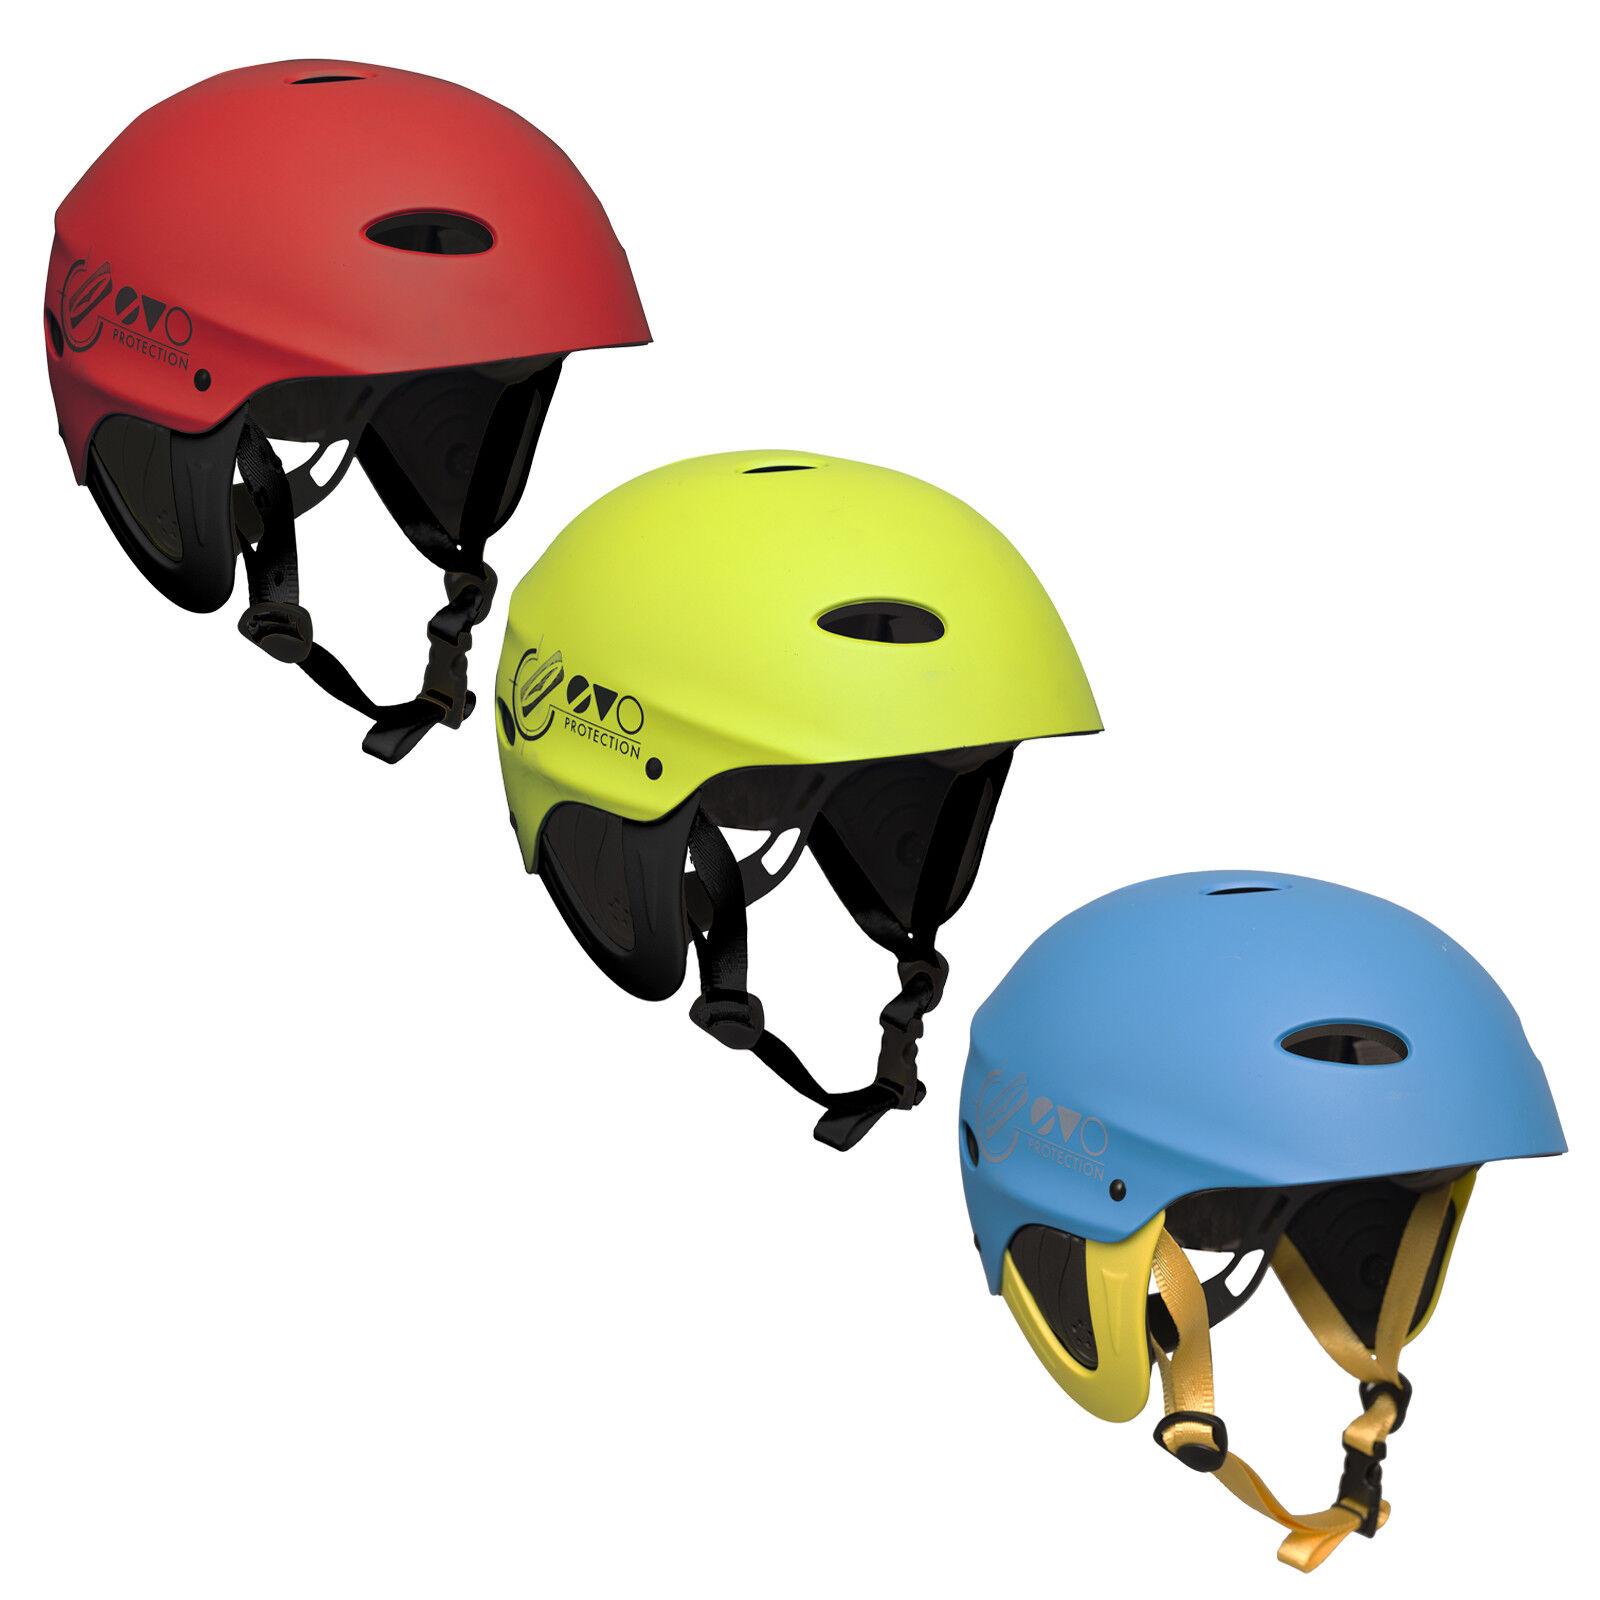 Gul Evo Helmet   Canoe   Kayak   Sit On Top   Watersports